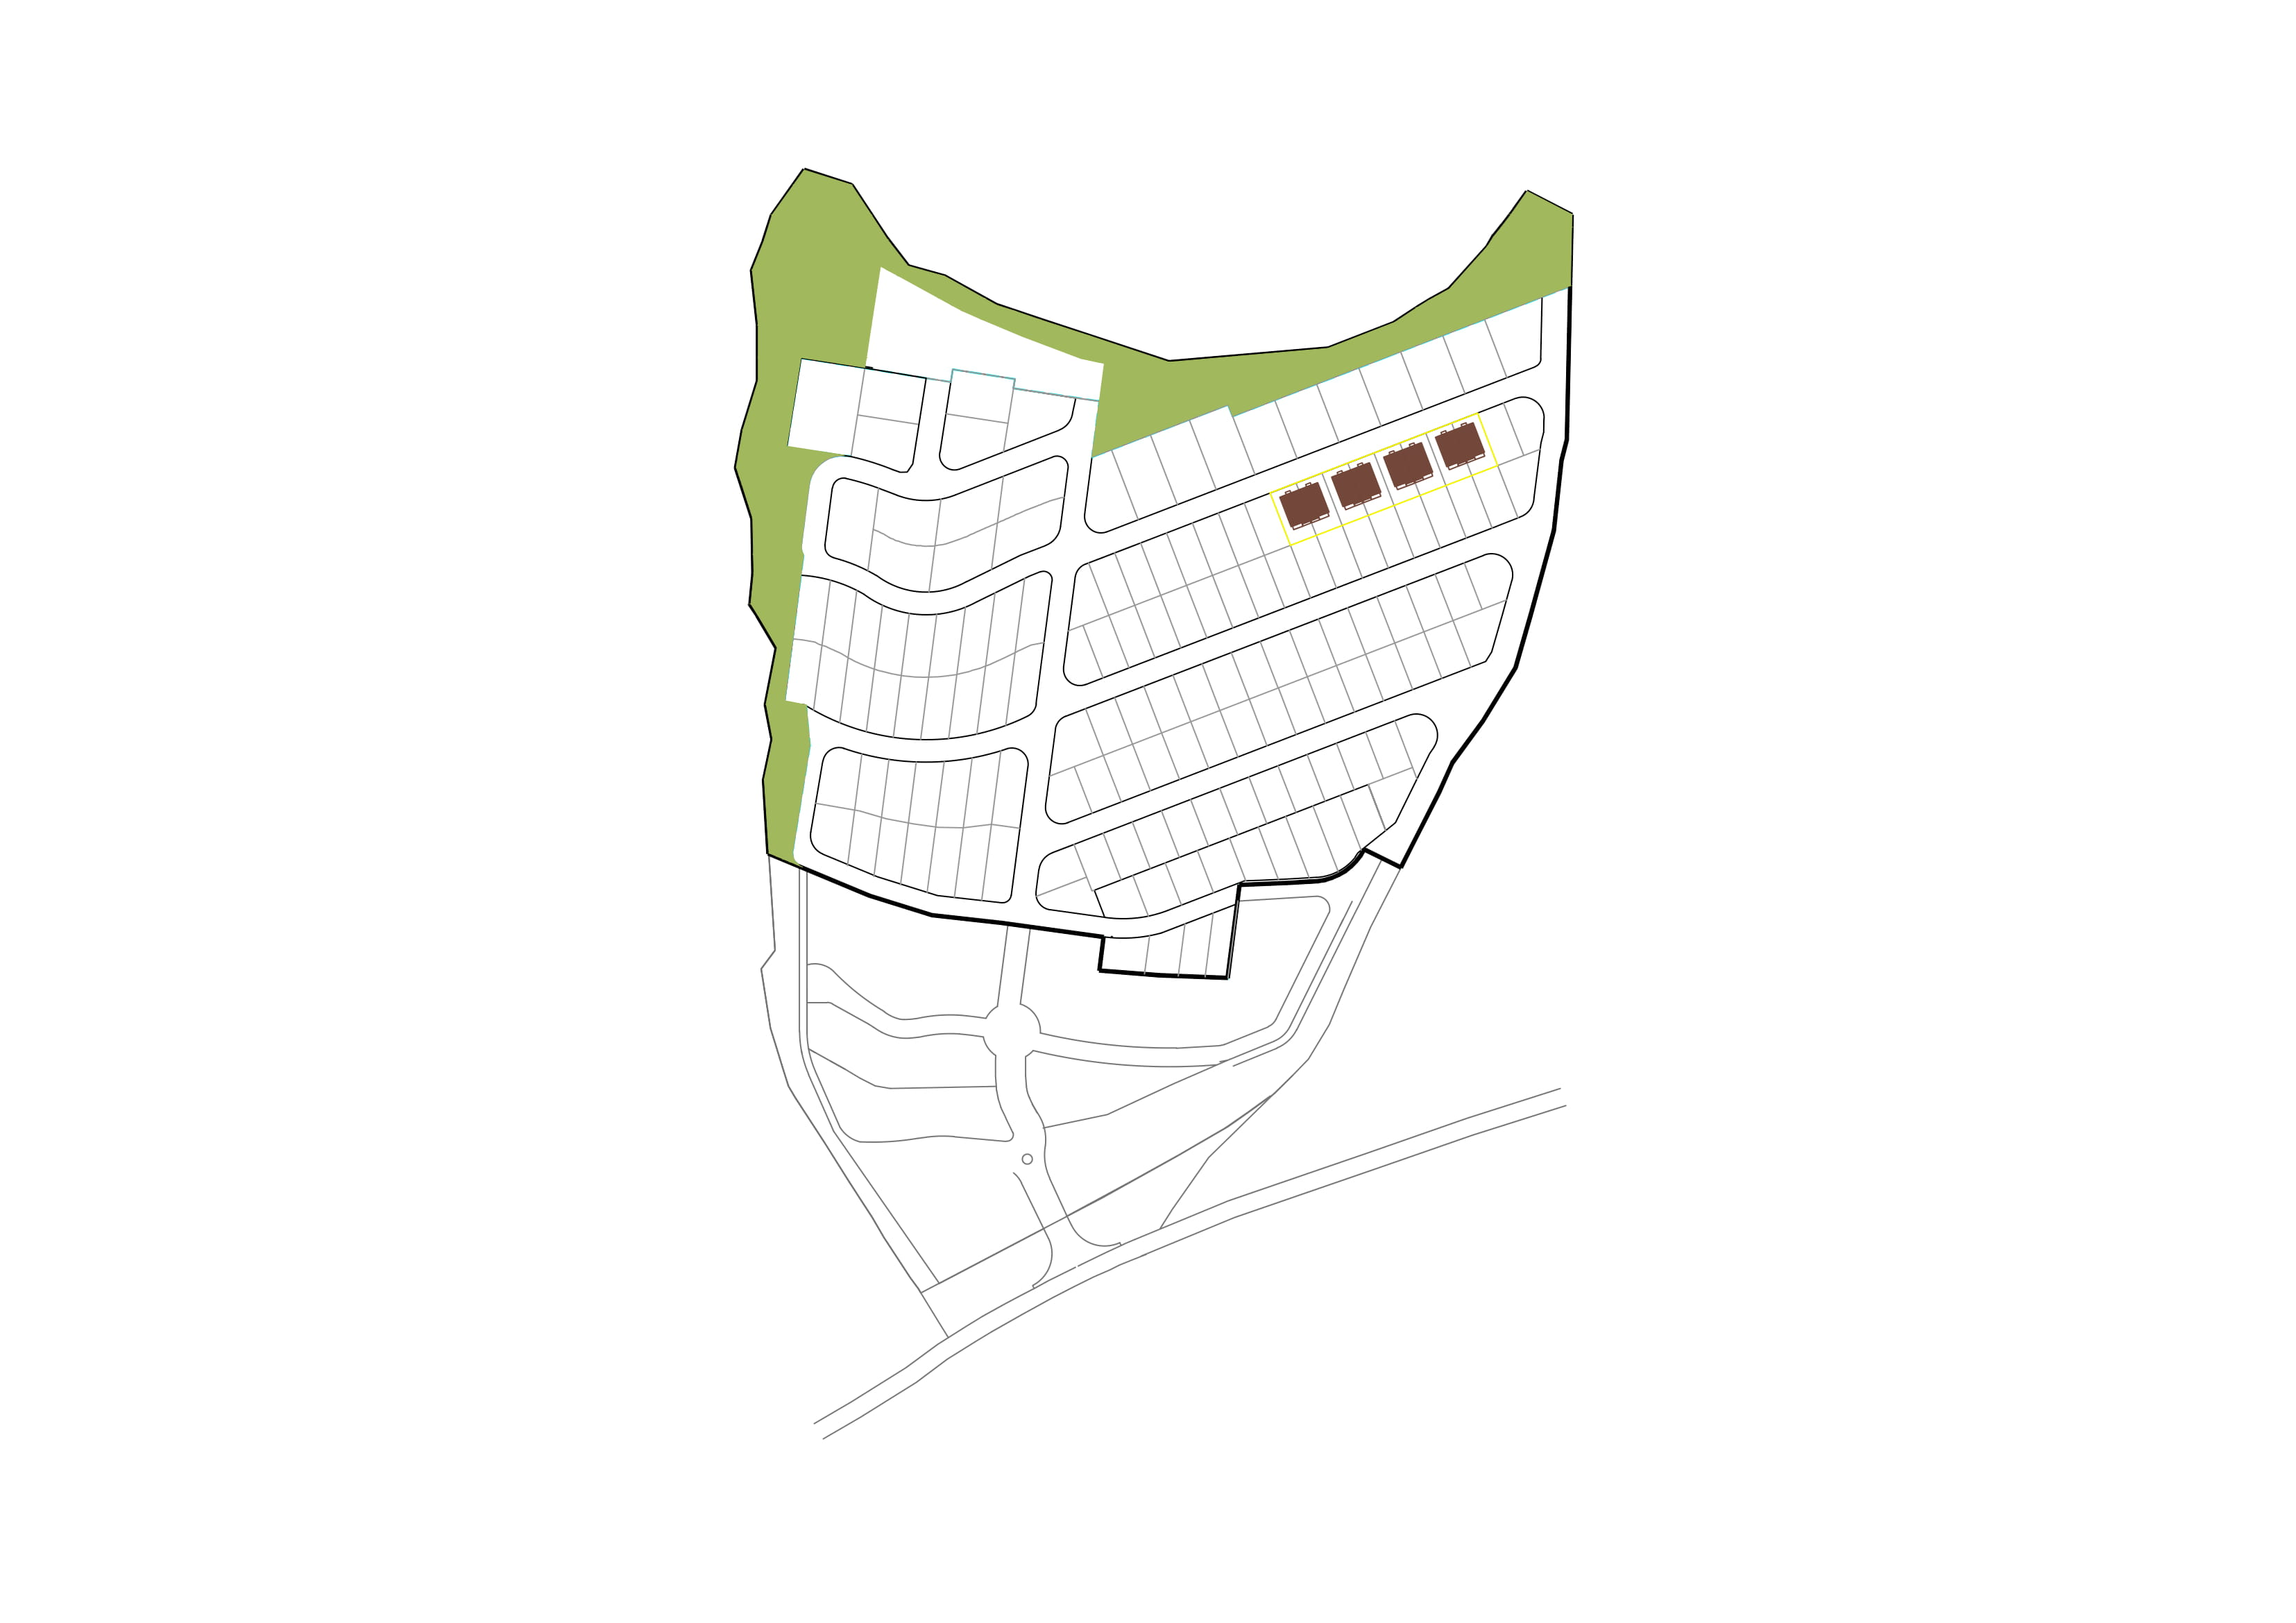 Plano urbanización